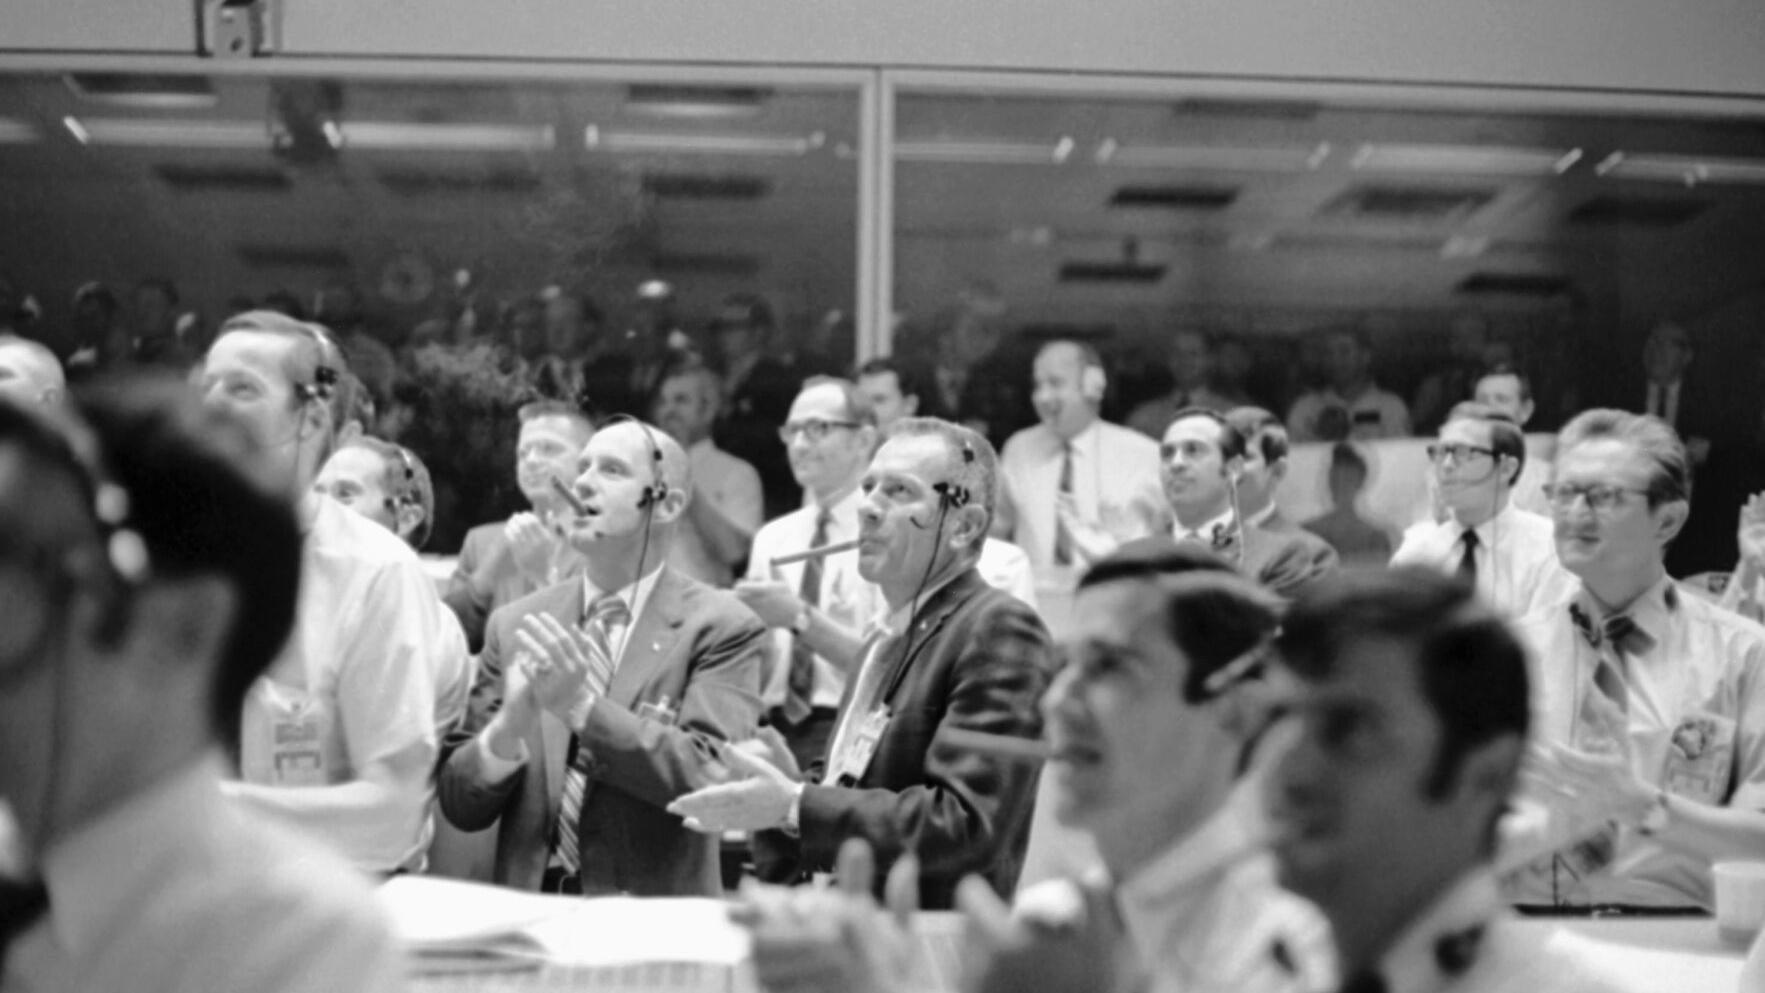 Apollo 13 Mission Control 1970